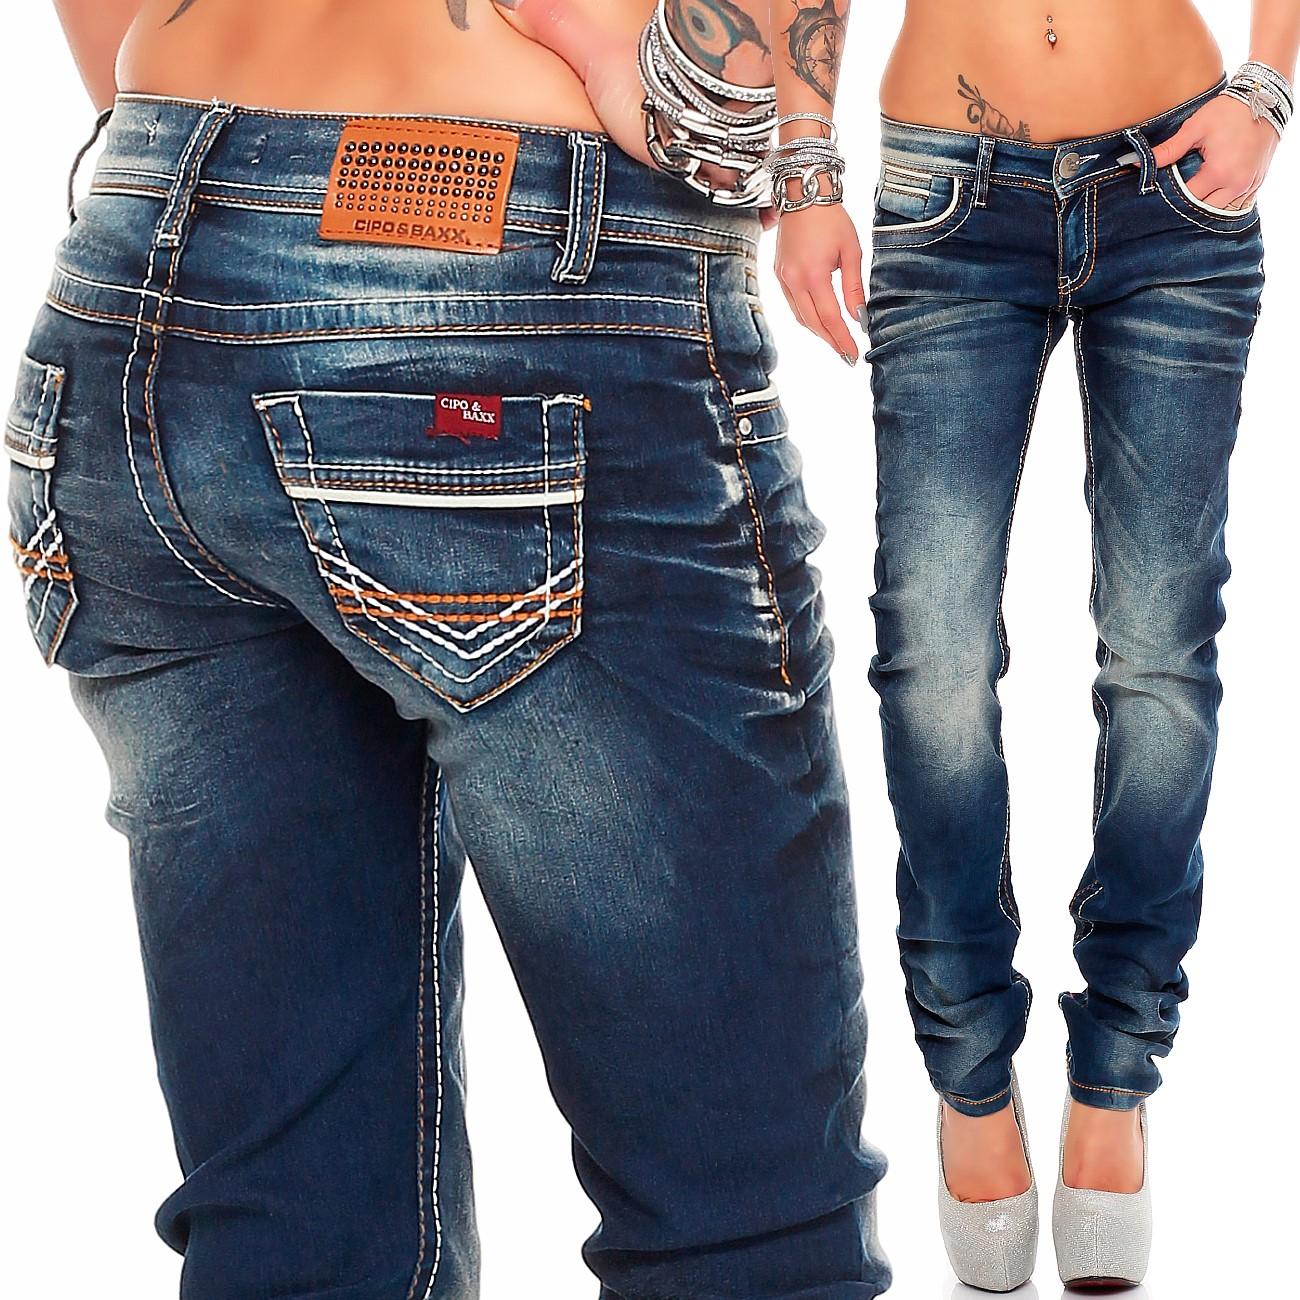 Verschiedene-Cipo-amp-Baxx-Damen-Jeans-Hosen-Slim-Fit-Regular-Fit-Streetwear Indexbild 30